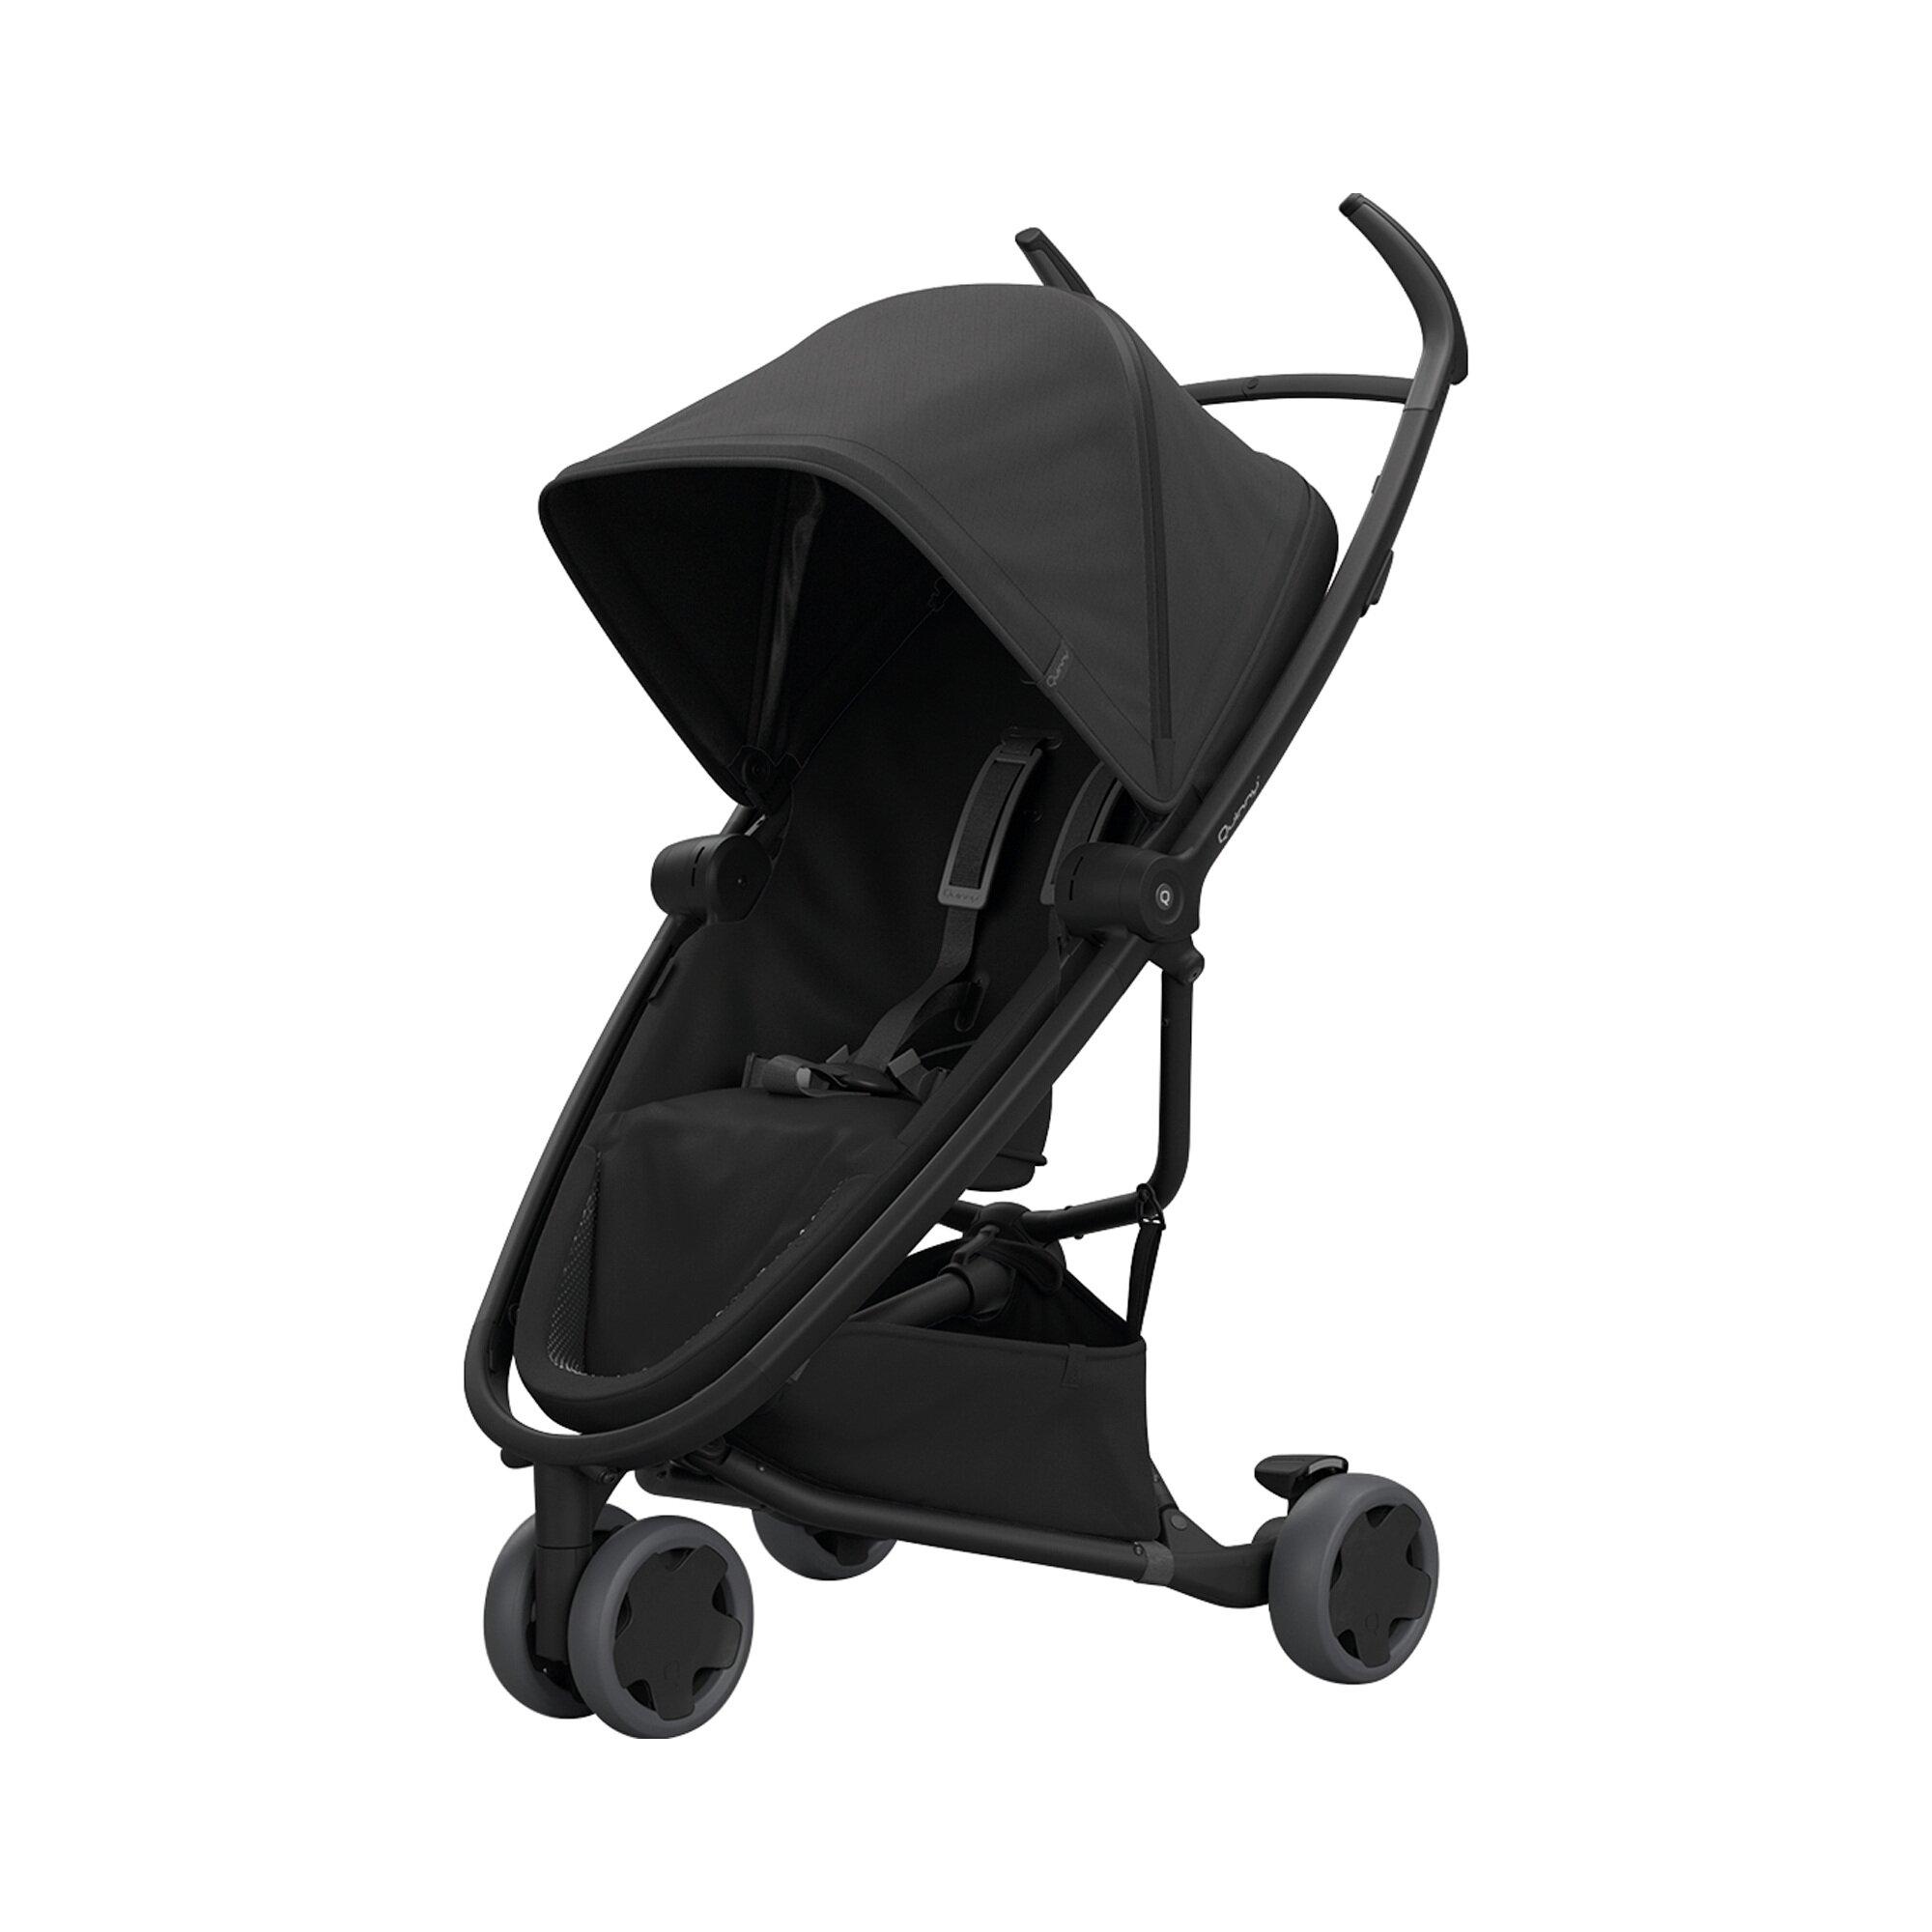 zapp-flex-buggy-mit-liegefunktion-design-2018-incl-spielbugel-schwarz